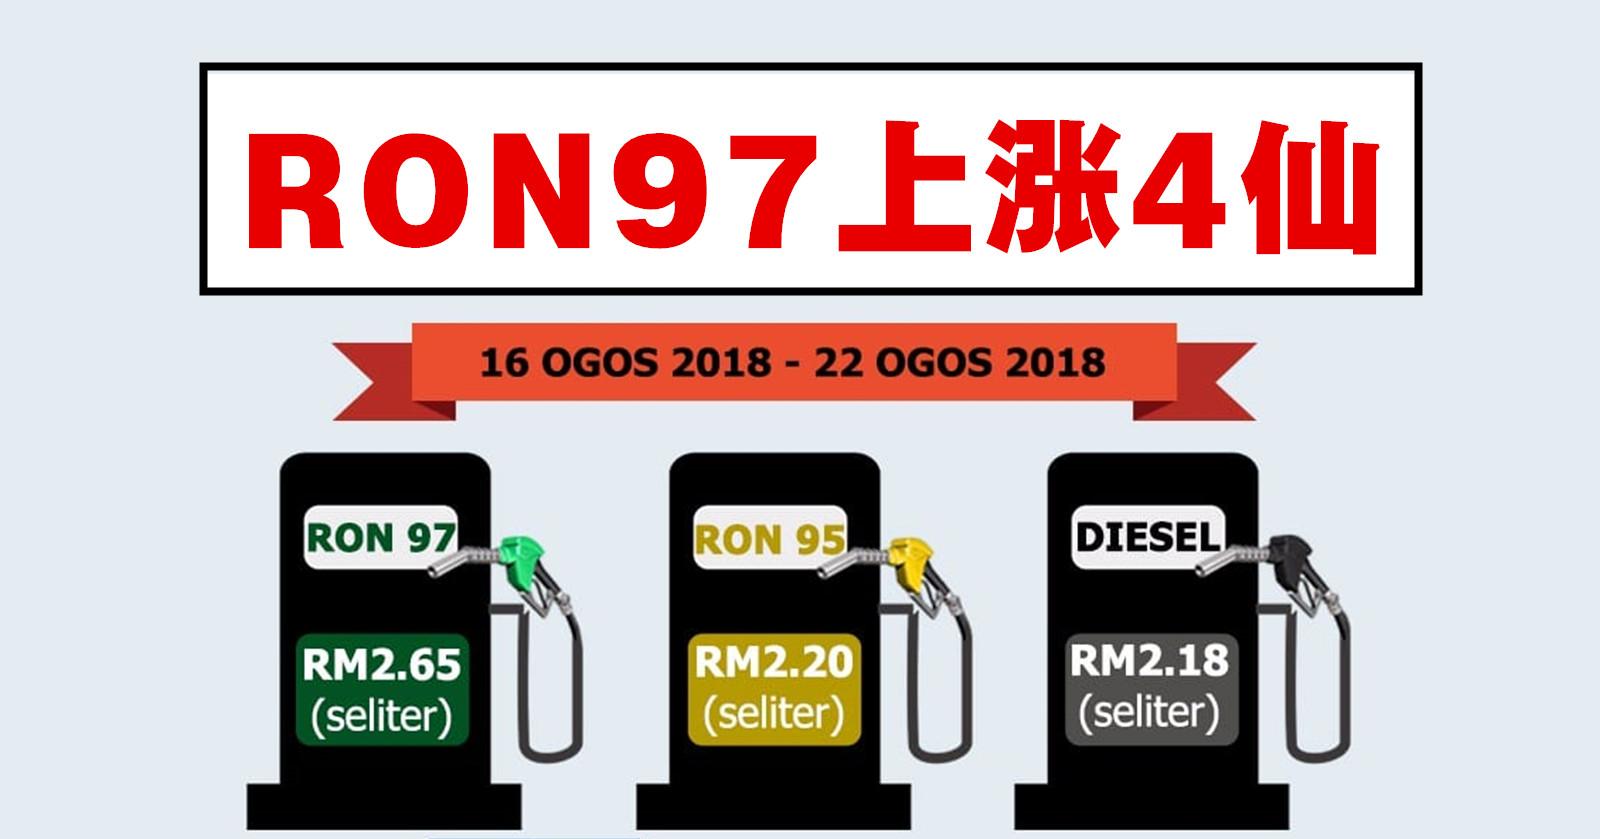 RON97汽油最新售价